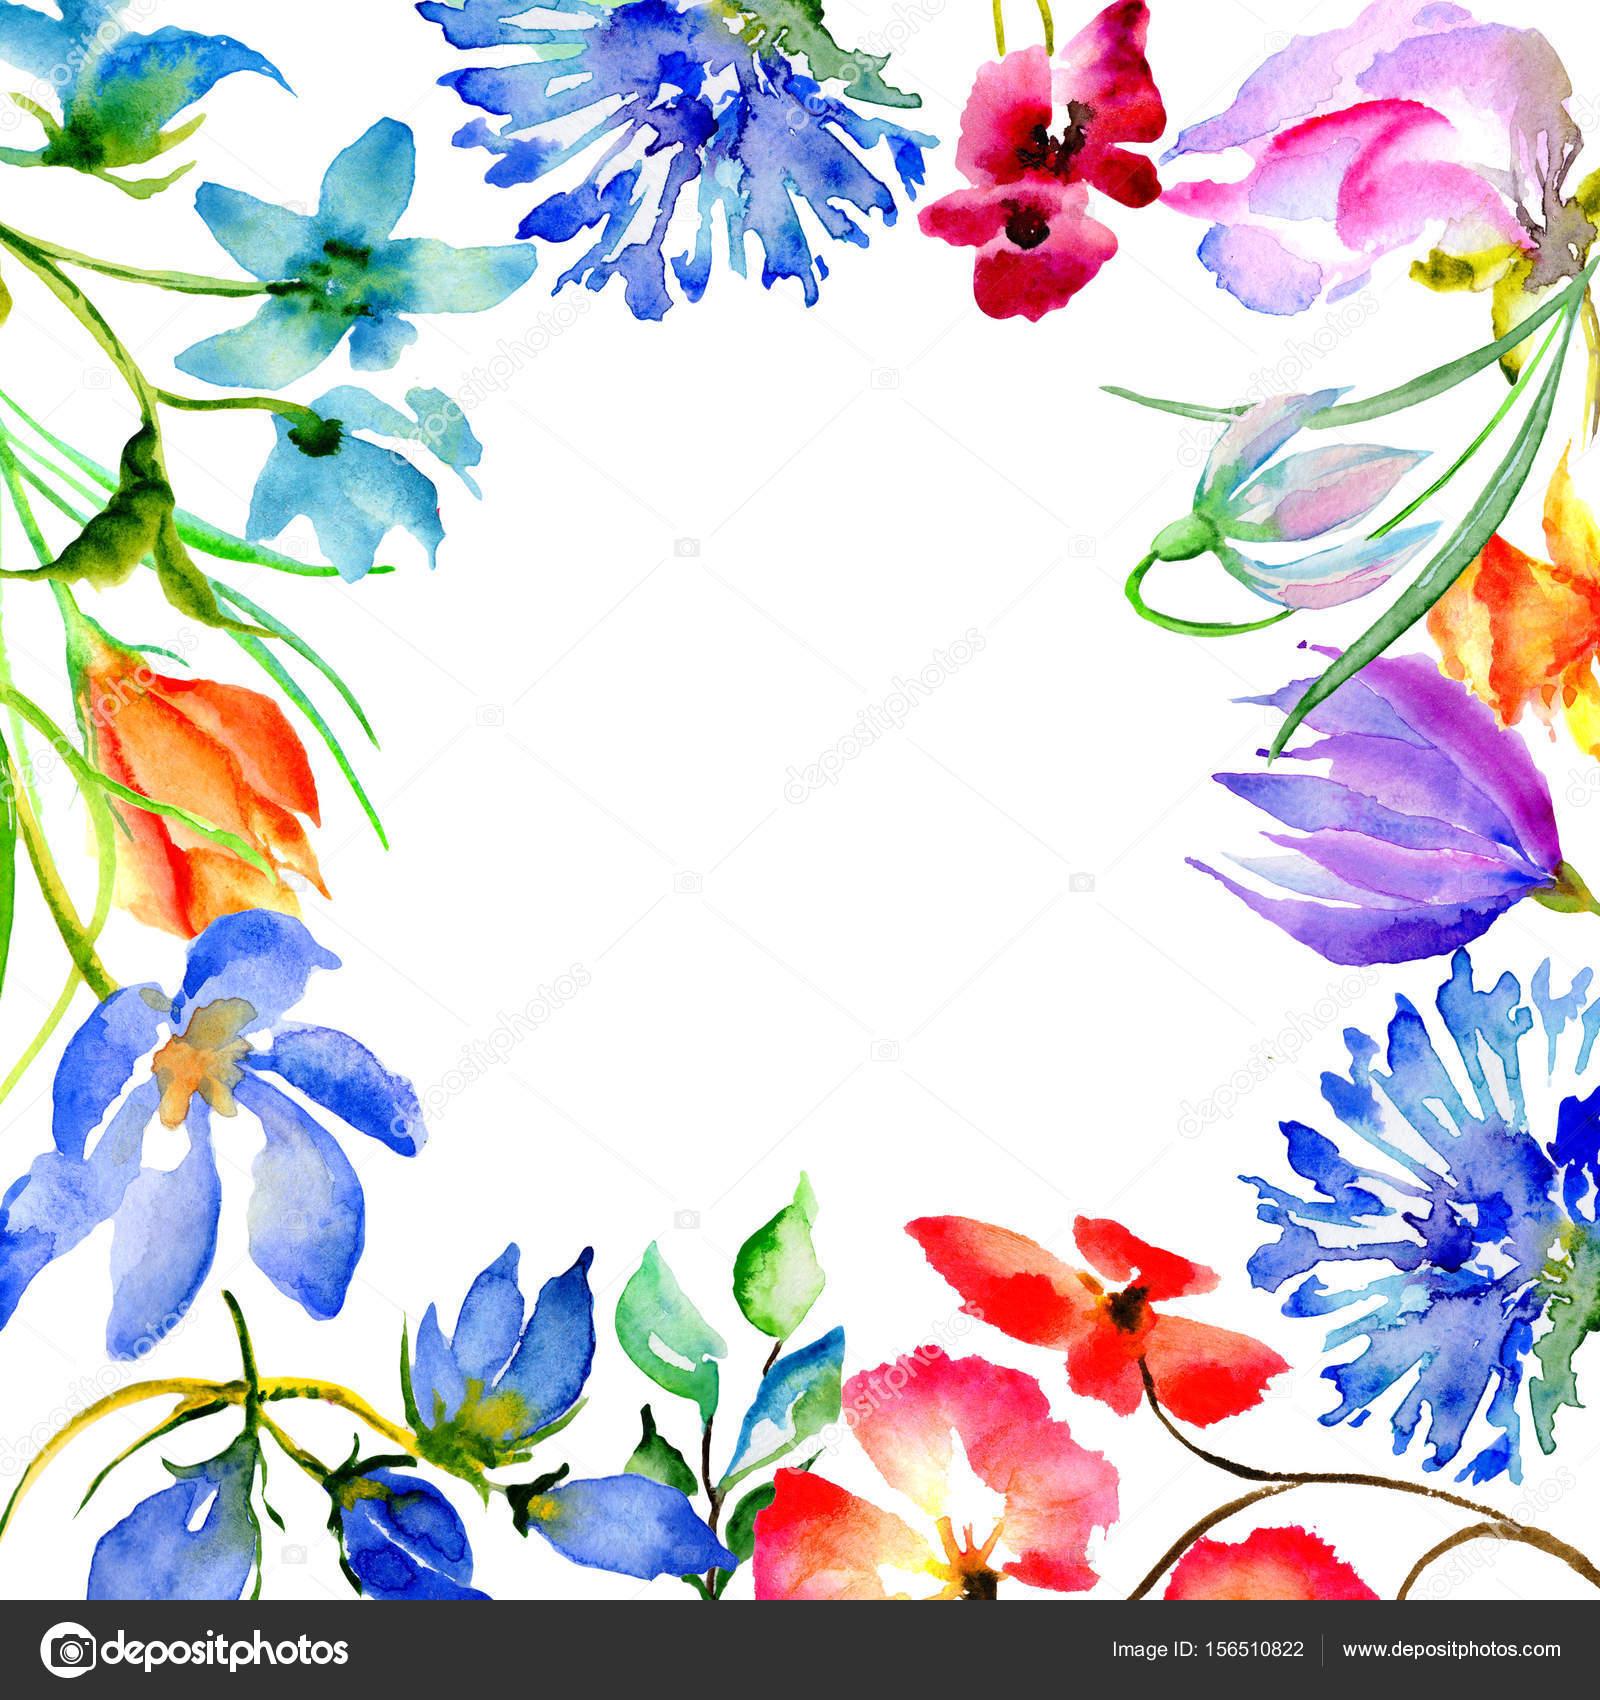 Wildflower Blumenrahmen im Aquarell-Stil isoliert — Stockfoto ...